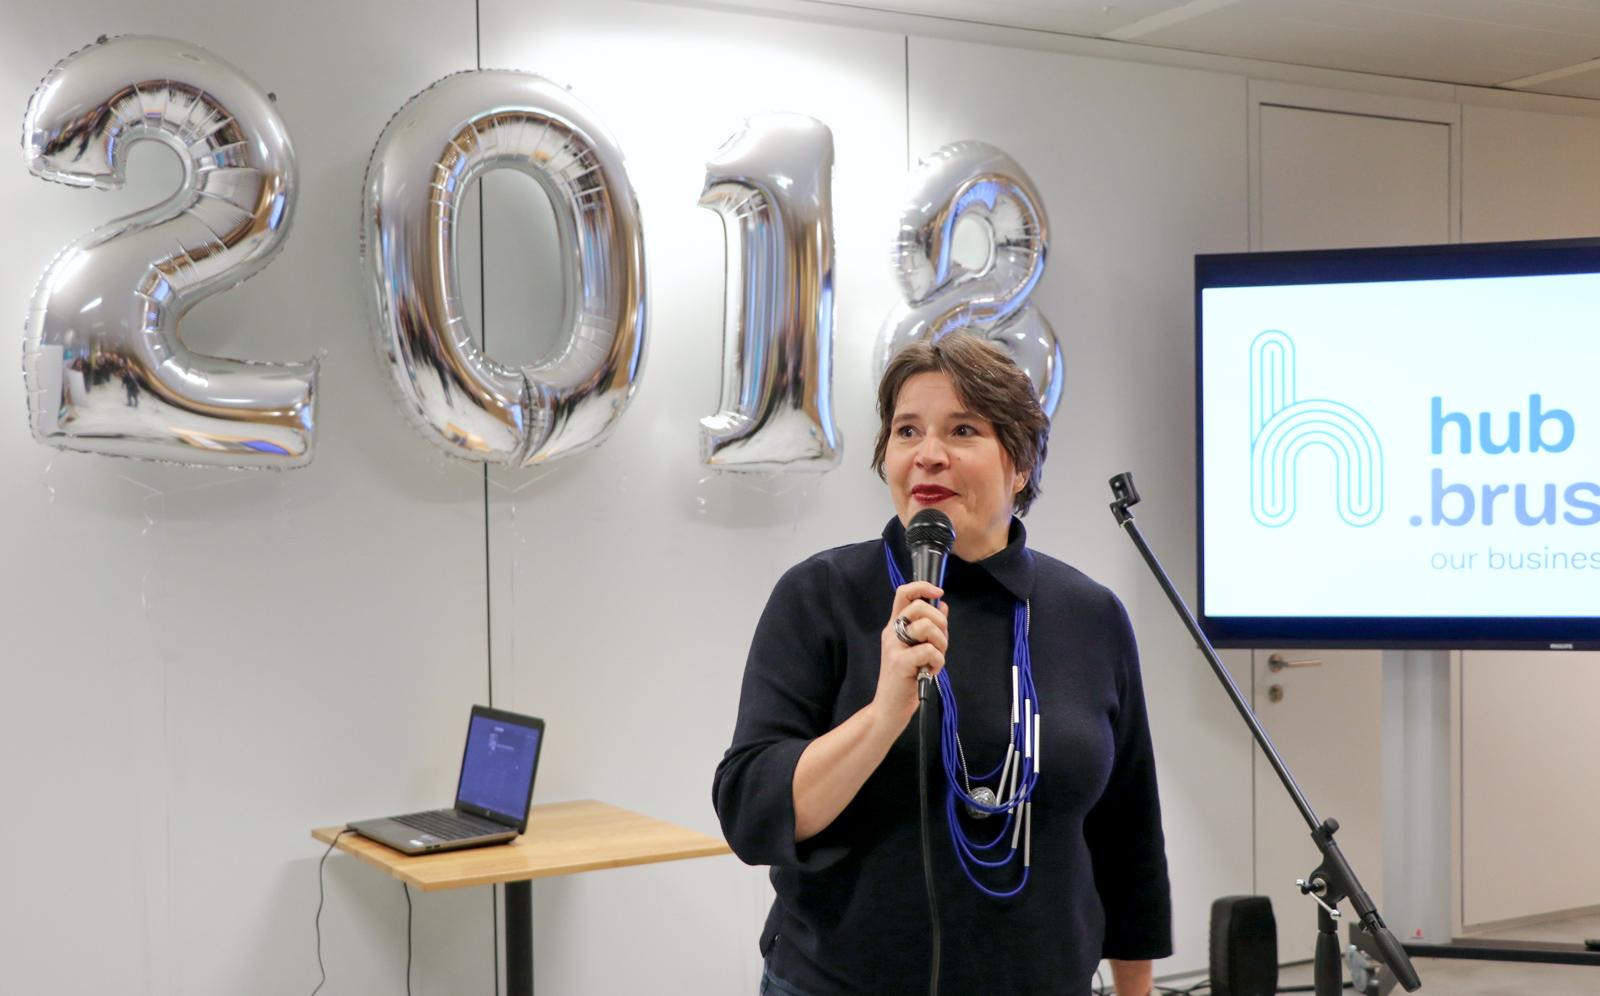 Discours de Cécile Jodogne lors de la réception du Nouvel an hub.brussels